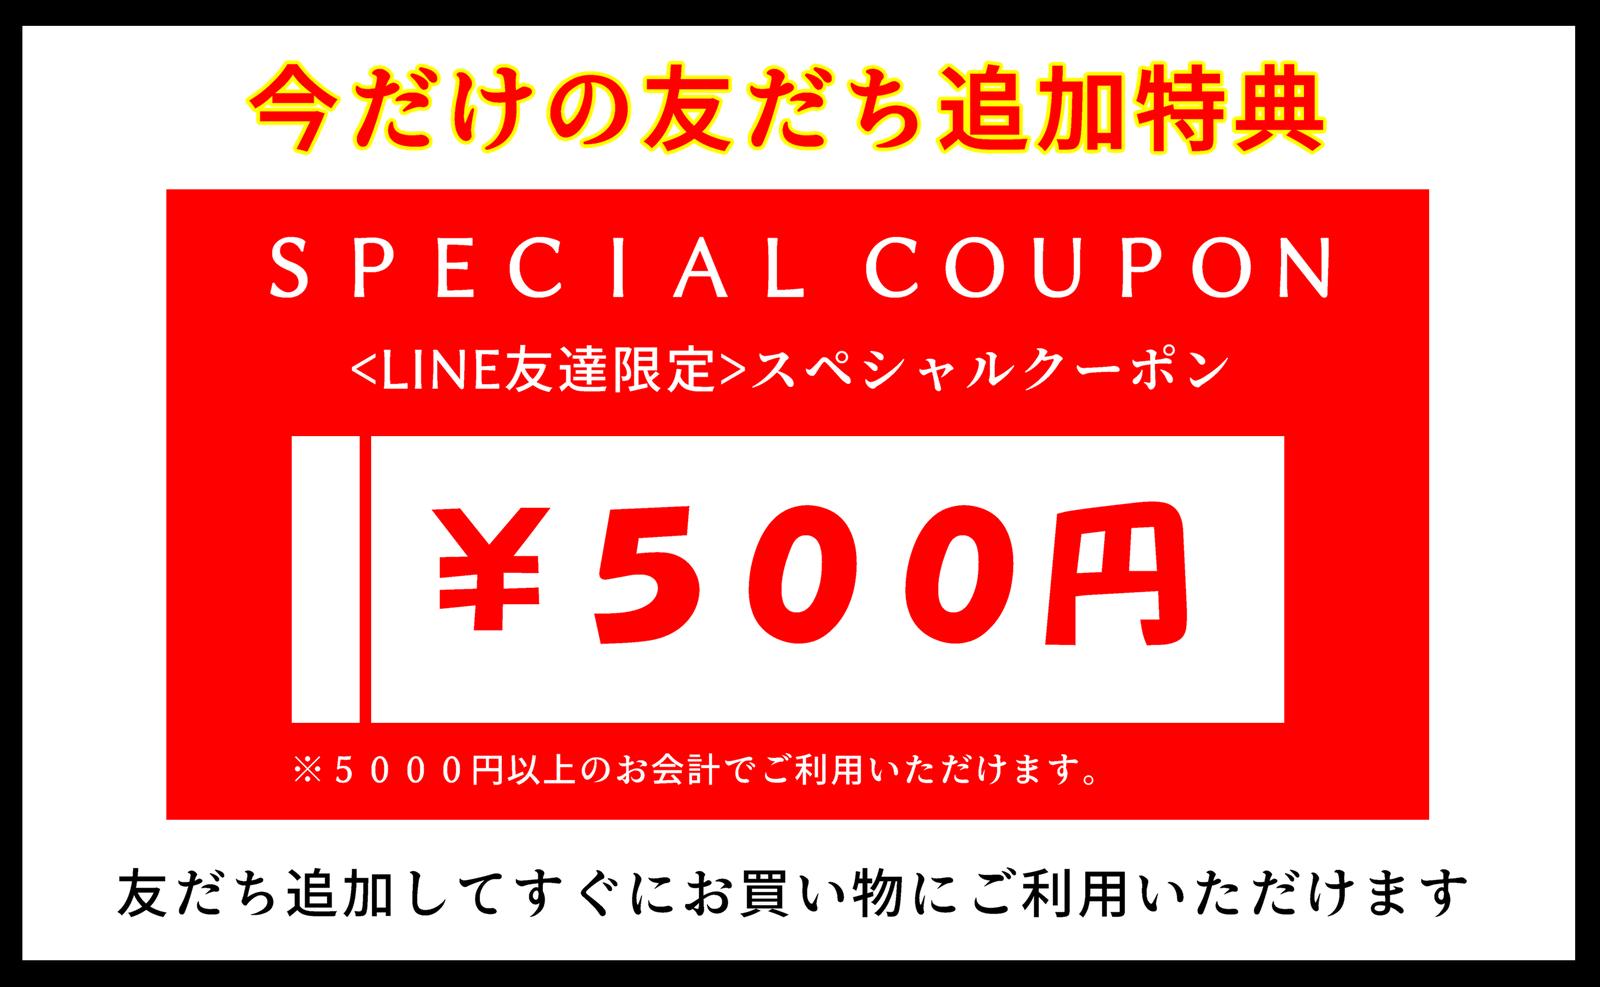 今だけの友だち追加特典 5000円以上で使える500円OFFクーポンプレゼント!友だち追加してすぐにお買い物にご利用いただけます。